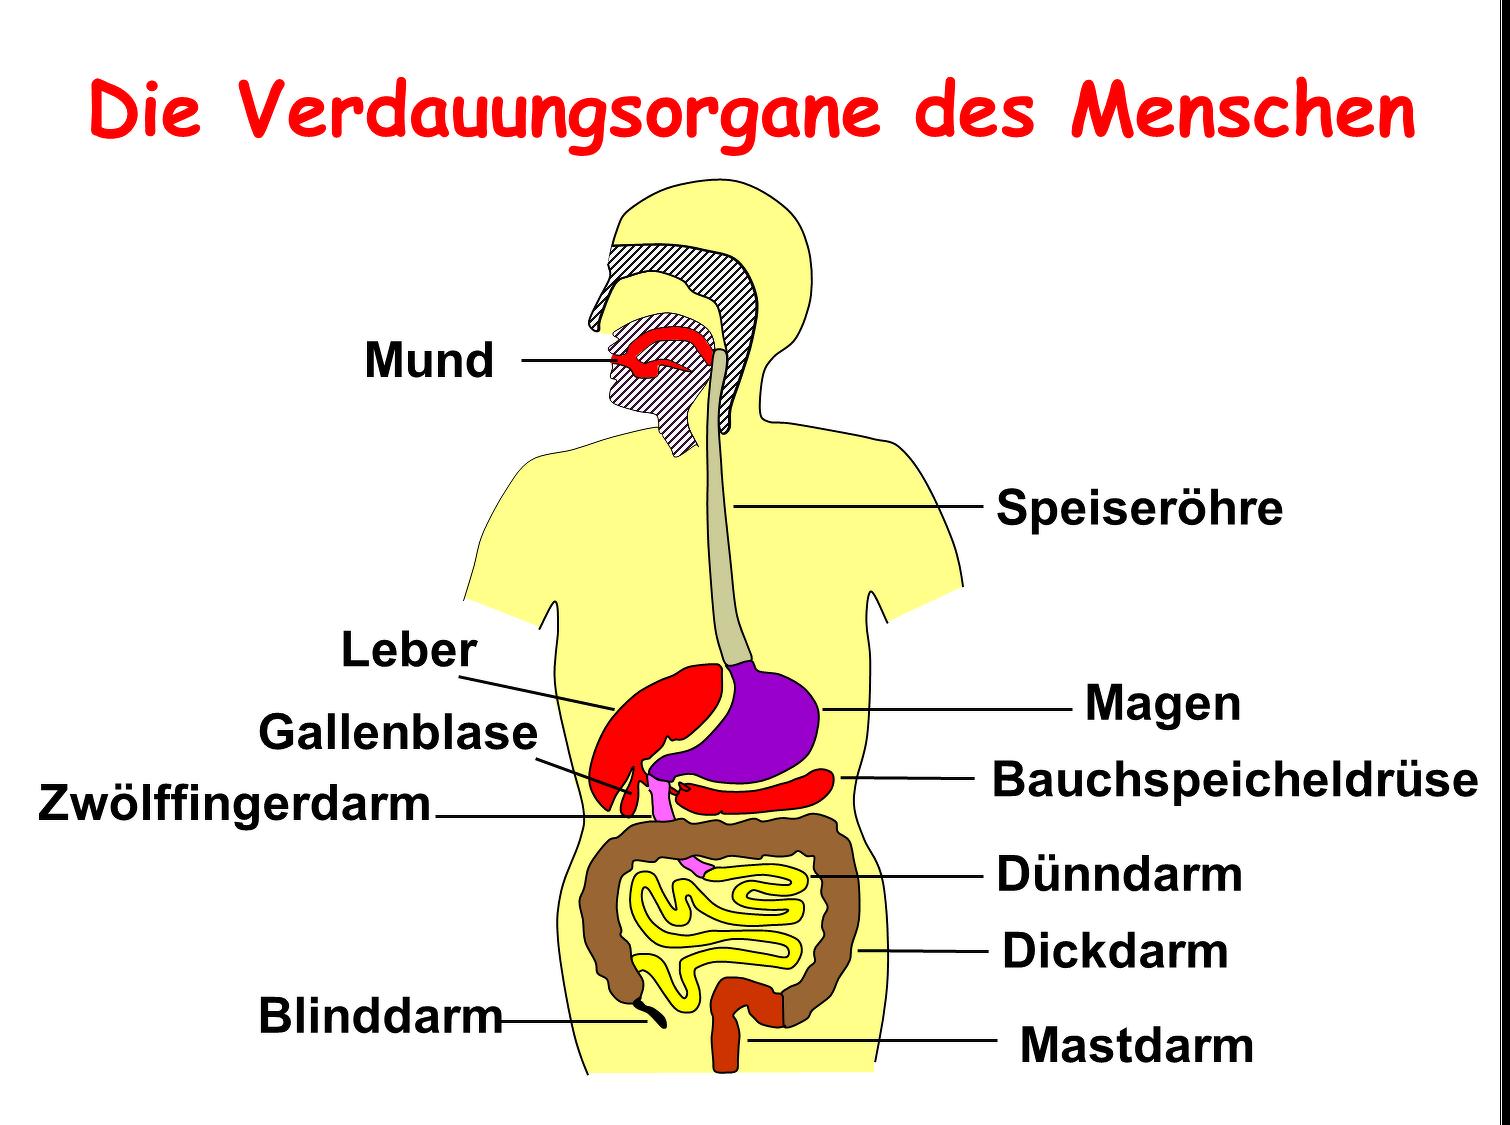 Schön Verdauungsorgane Zeitgenössisch - Menschliche Anatomie Bilder ...